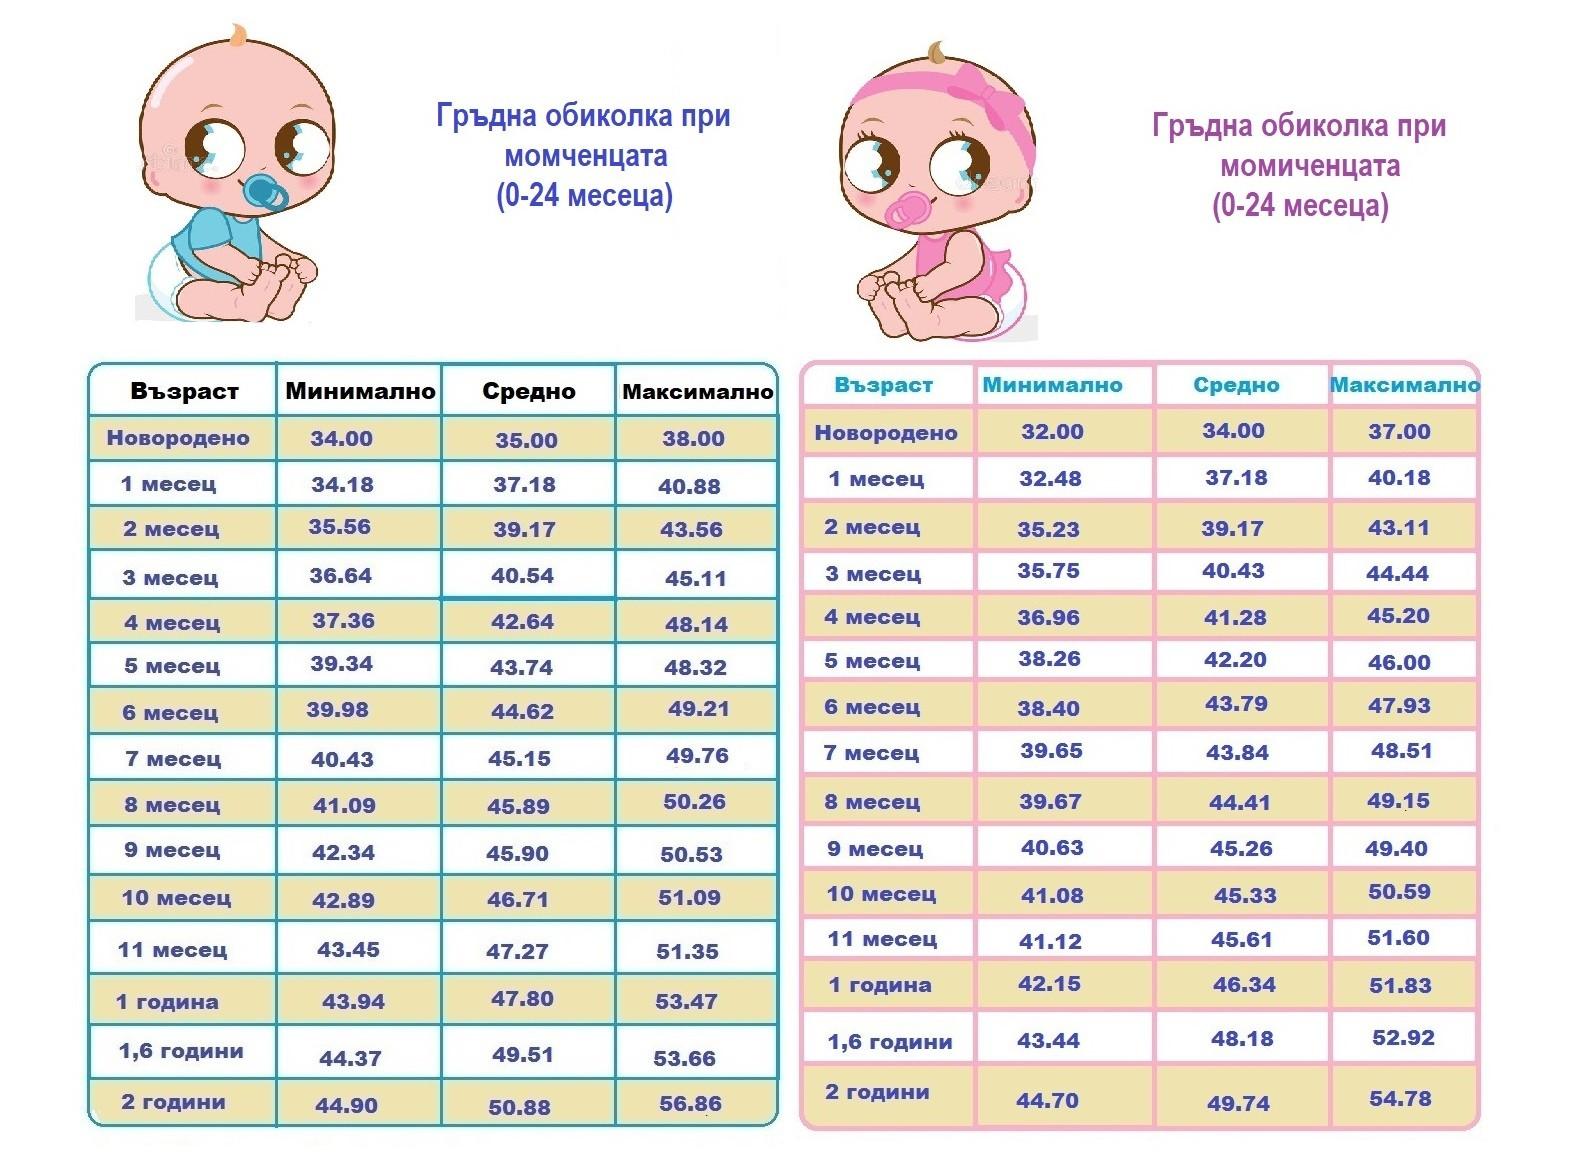 Таблица с норми в гръдната обиколка при деца